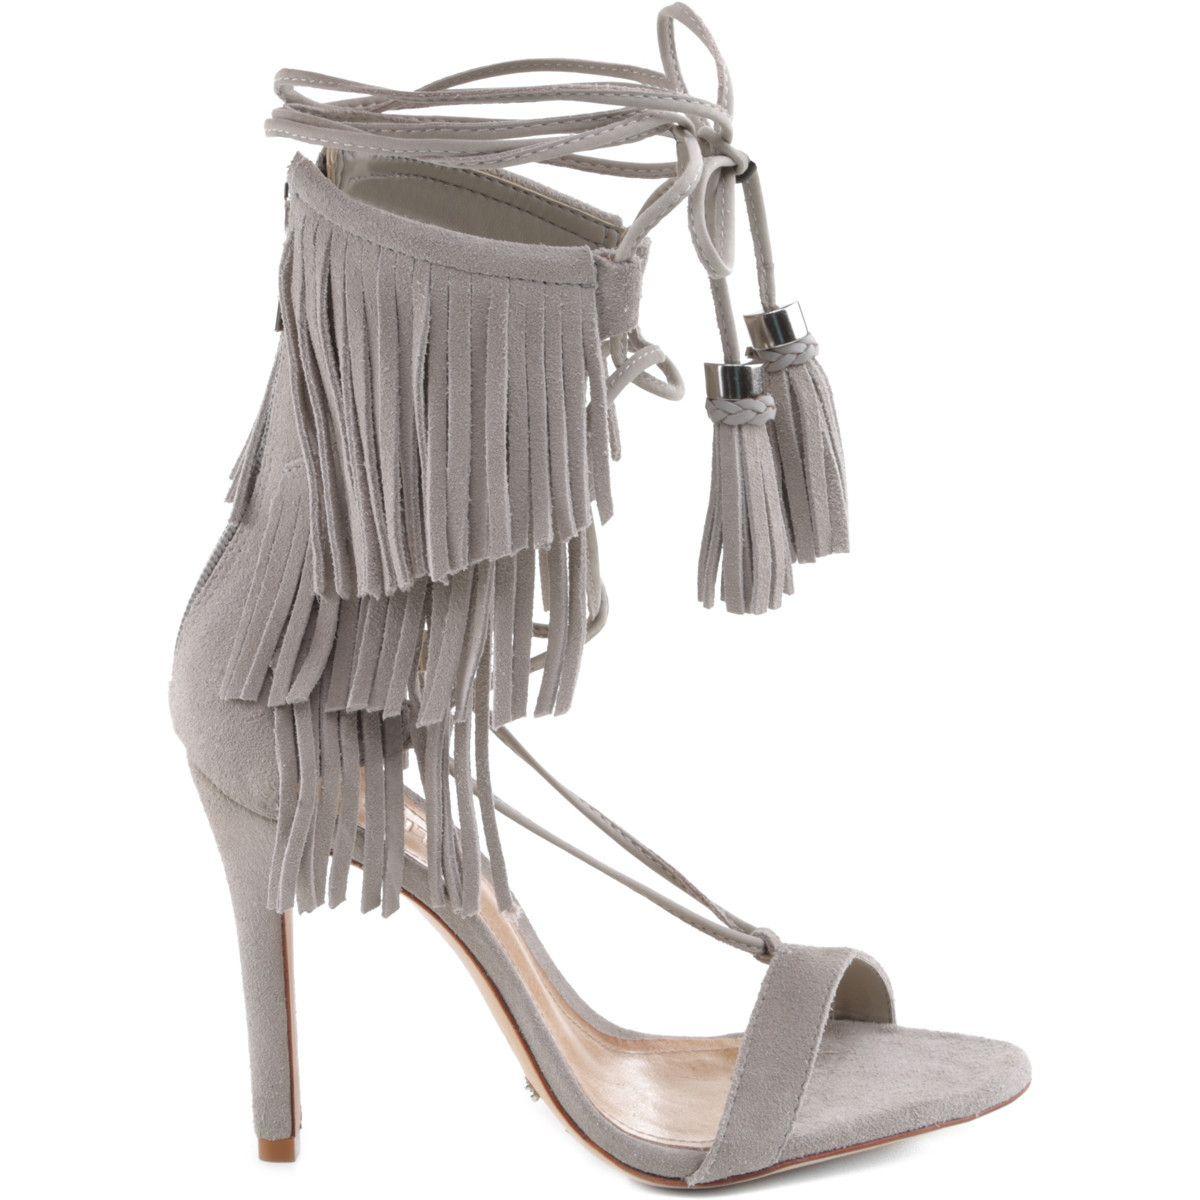 #KIJA #SchutzShoes #heels #sandals #fringe #suede #grey #shoes